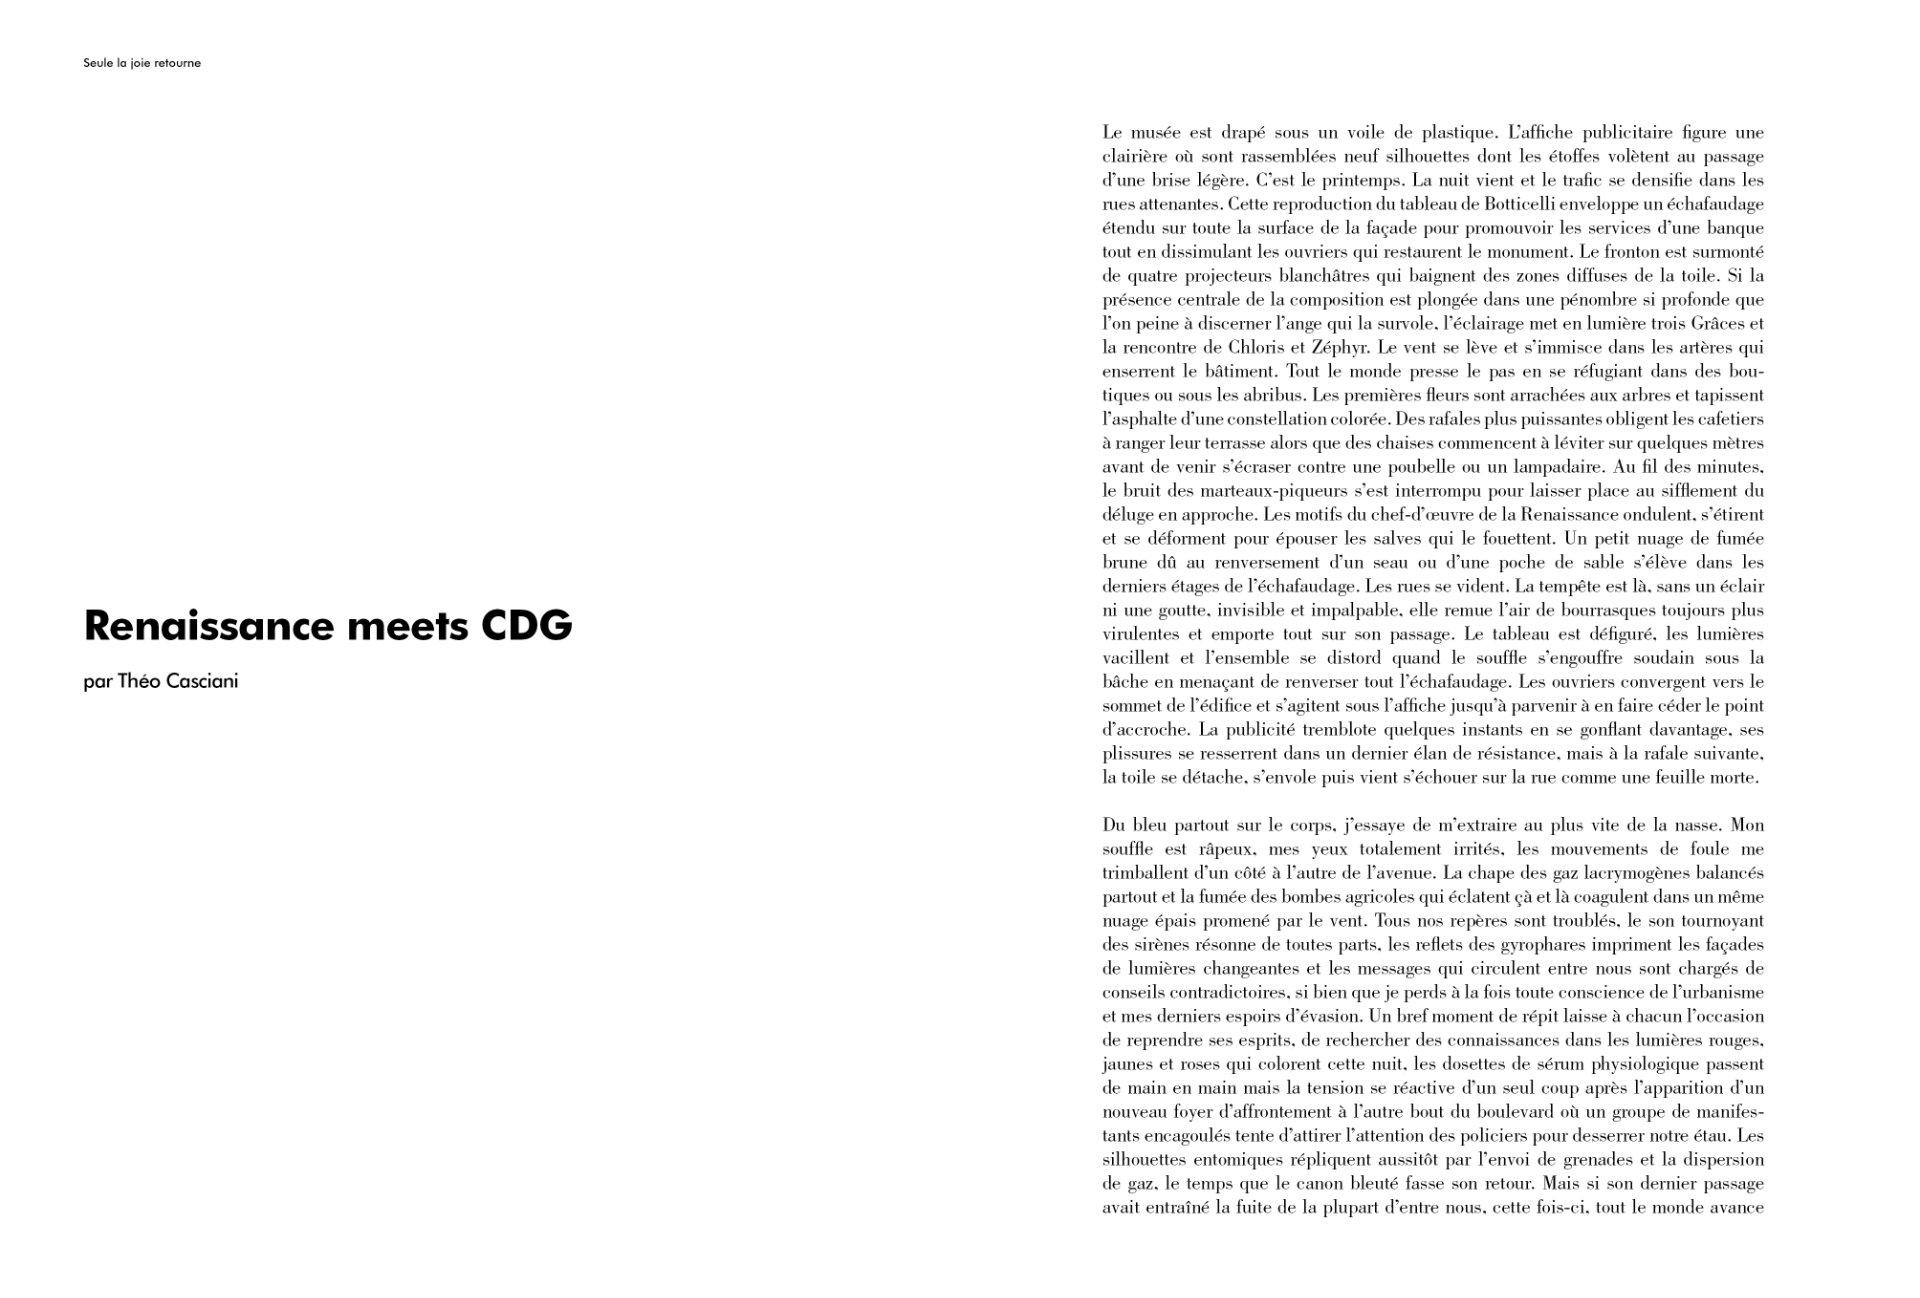 Renaissance Meet CDG par Théo Casciani (extrait)